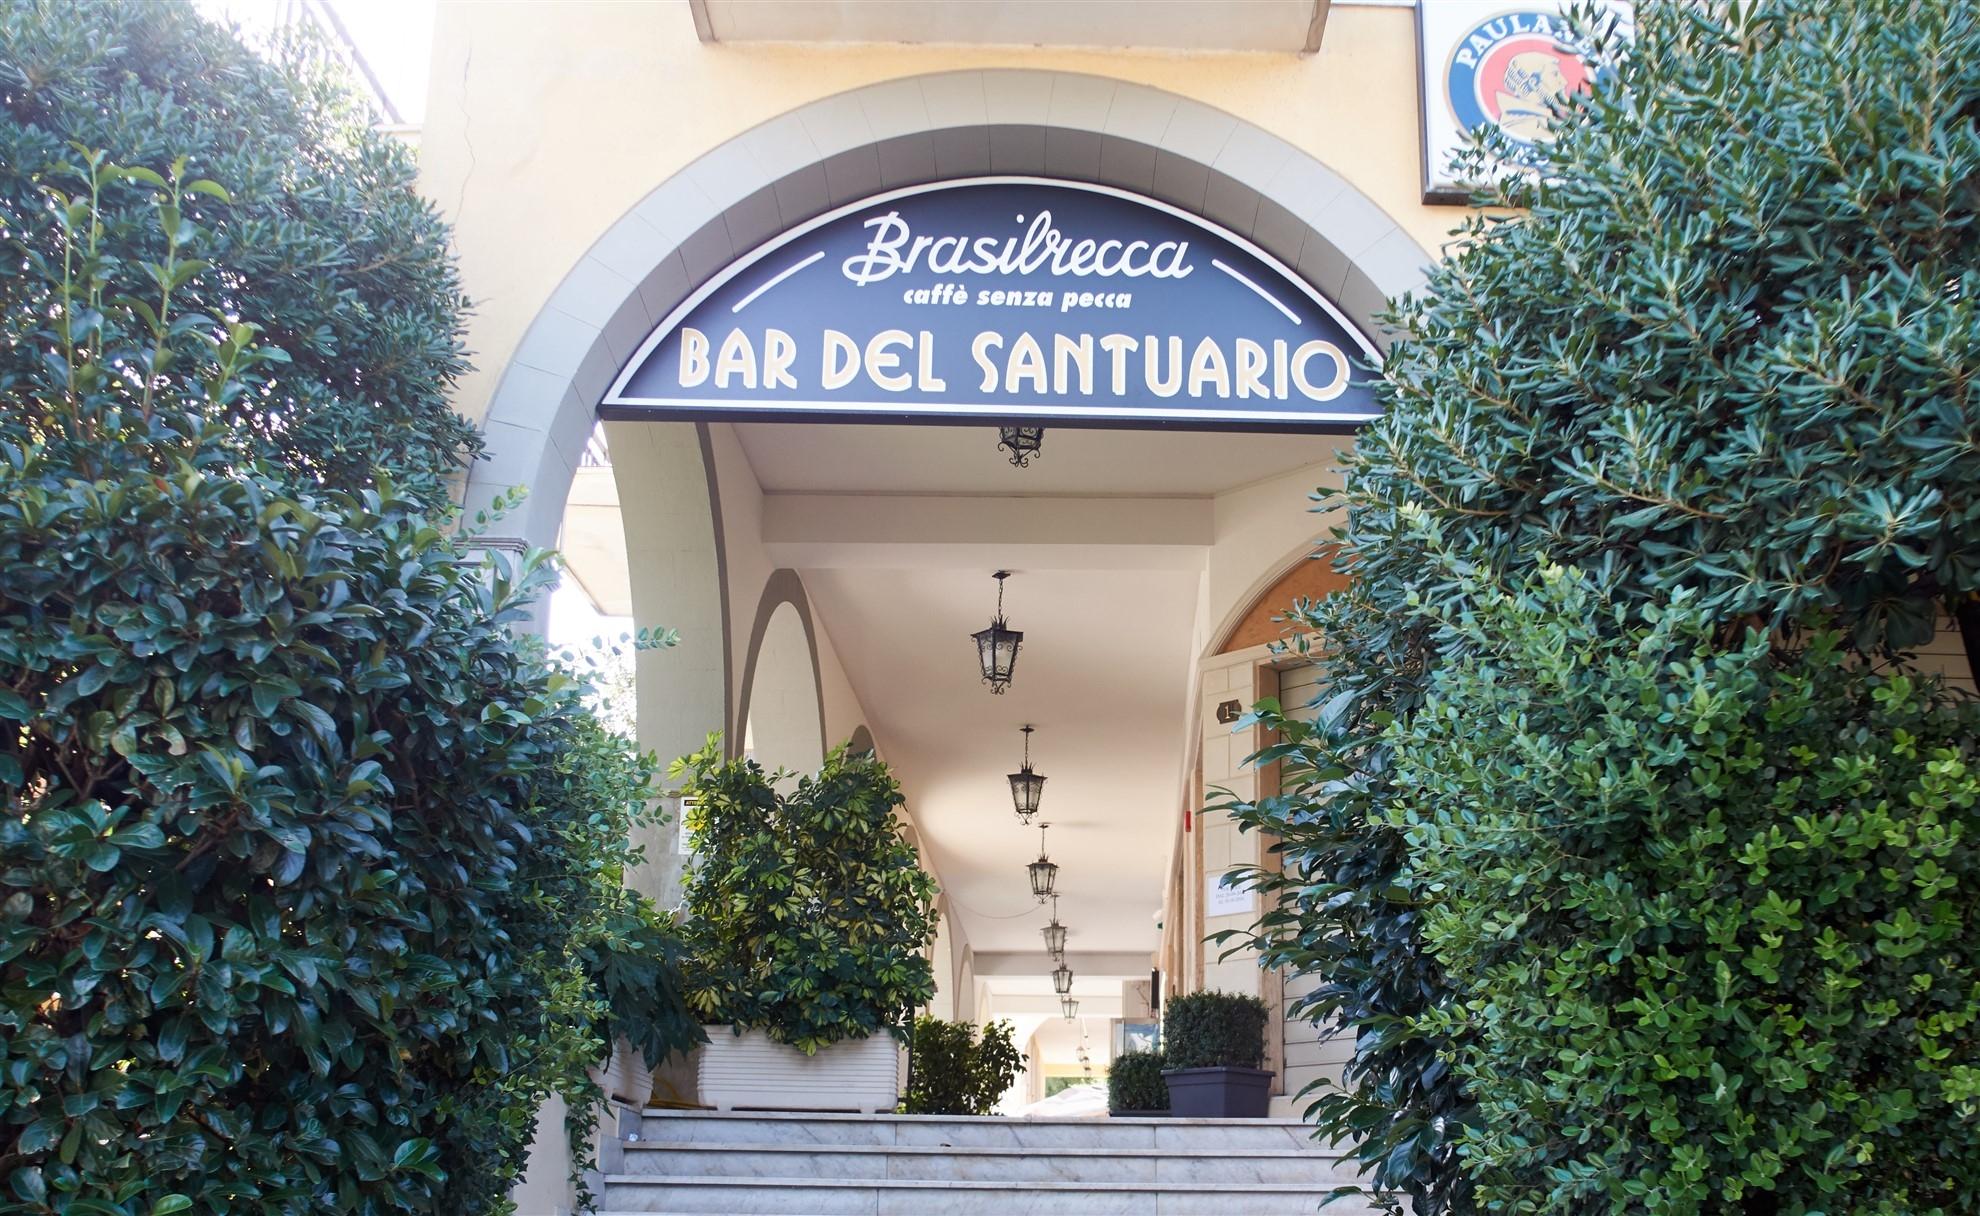 Bar del Santuario - Bar, Valverde